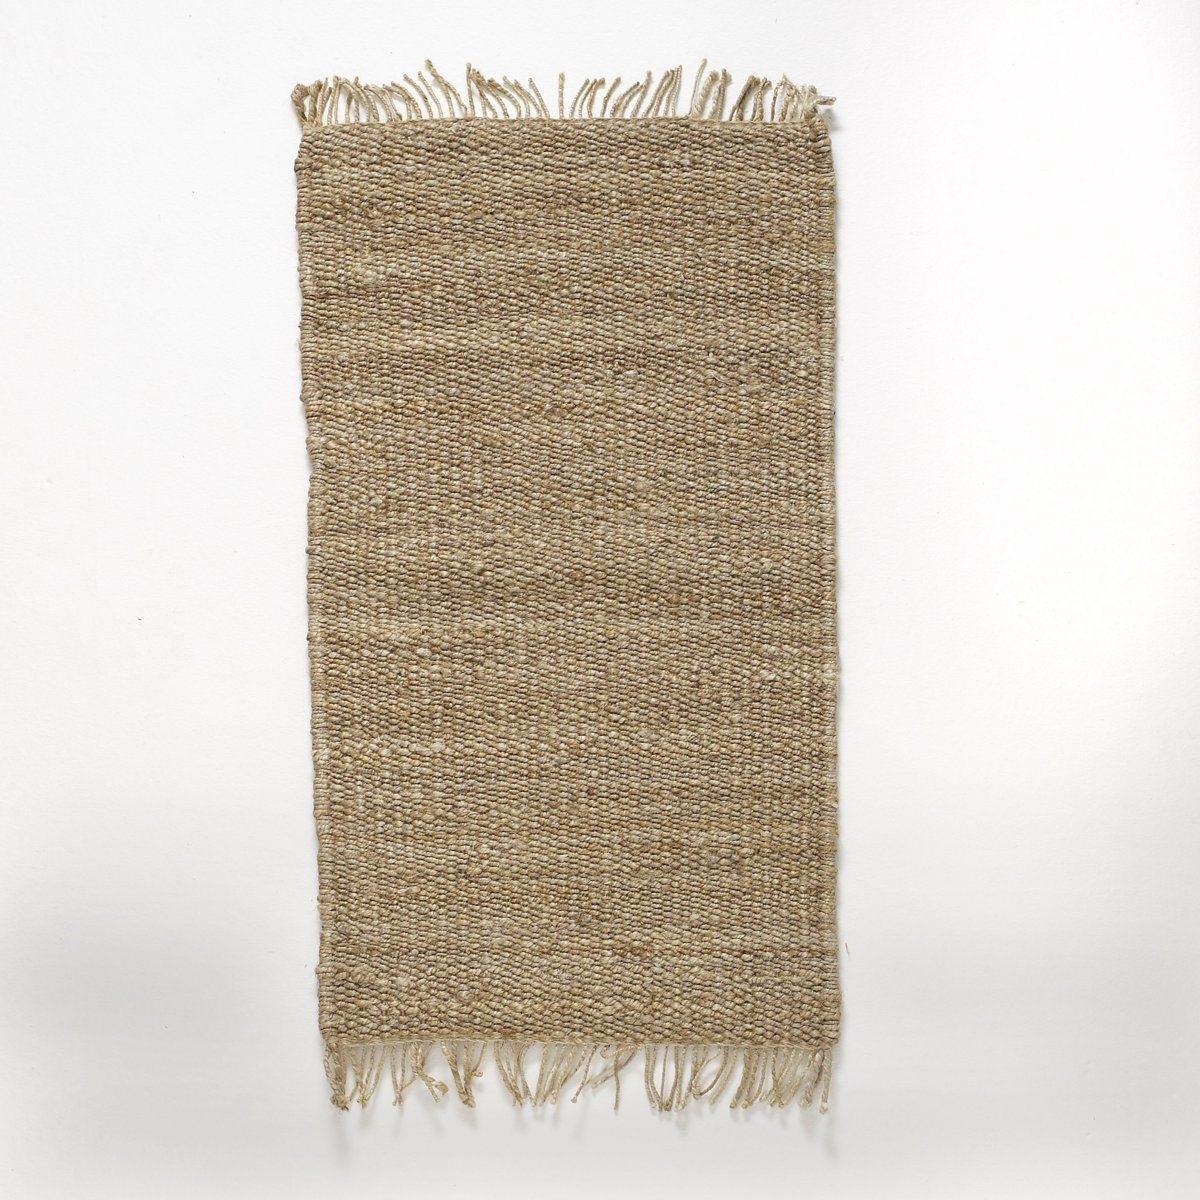 Прикроватный коврик, из джута, AjanПрикроватный коврик из джута Ajan. Выбирайте 100% натуральную тенденцию прикроватного коврика Ajan и придайте оригинальность вашему интерьеру. Характеристики прикроватного коврика Ajan :100% джута естественного оттенка.Отделка бахромой.Откройте для себя ковер Ajan и другие ковры на сайте laredoute.ru.Размеры прикроватного коврика Ajan :Ширина : 60 смДлина : 110 см<br><br>Цвет: бежевый